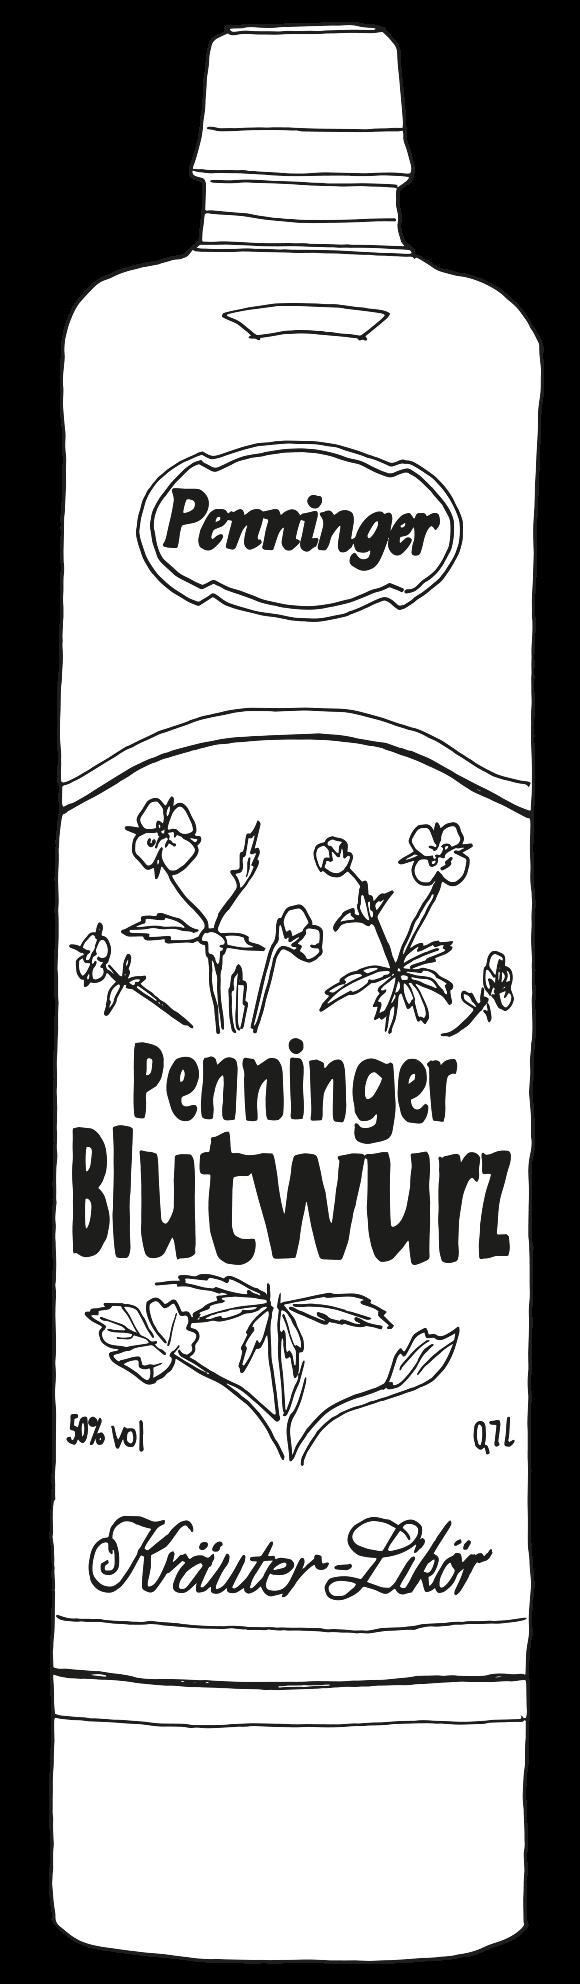 Penninger Blutwurz